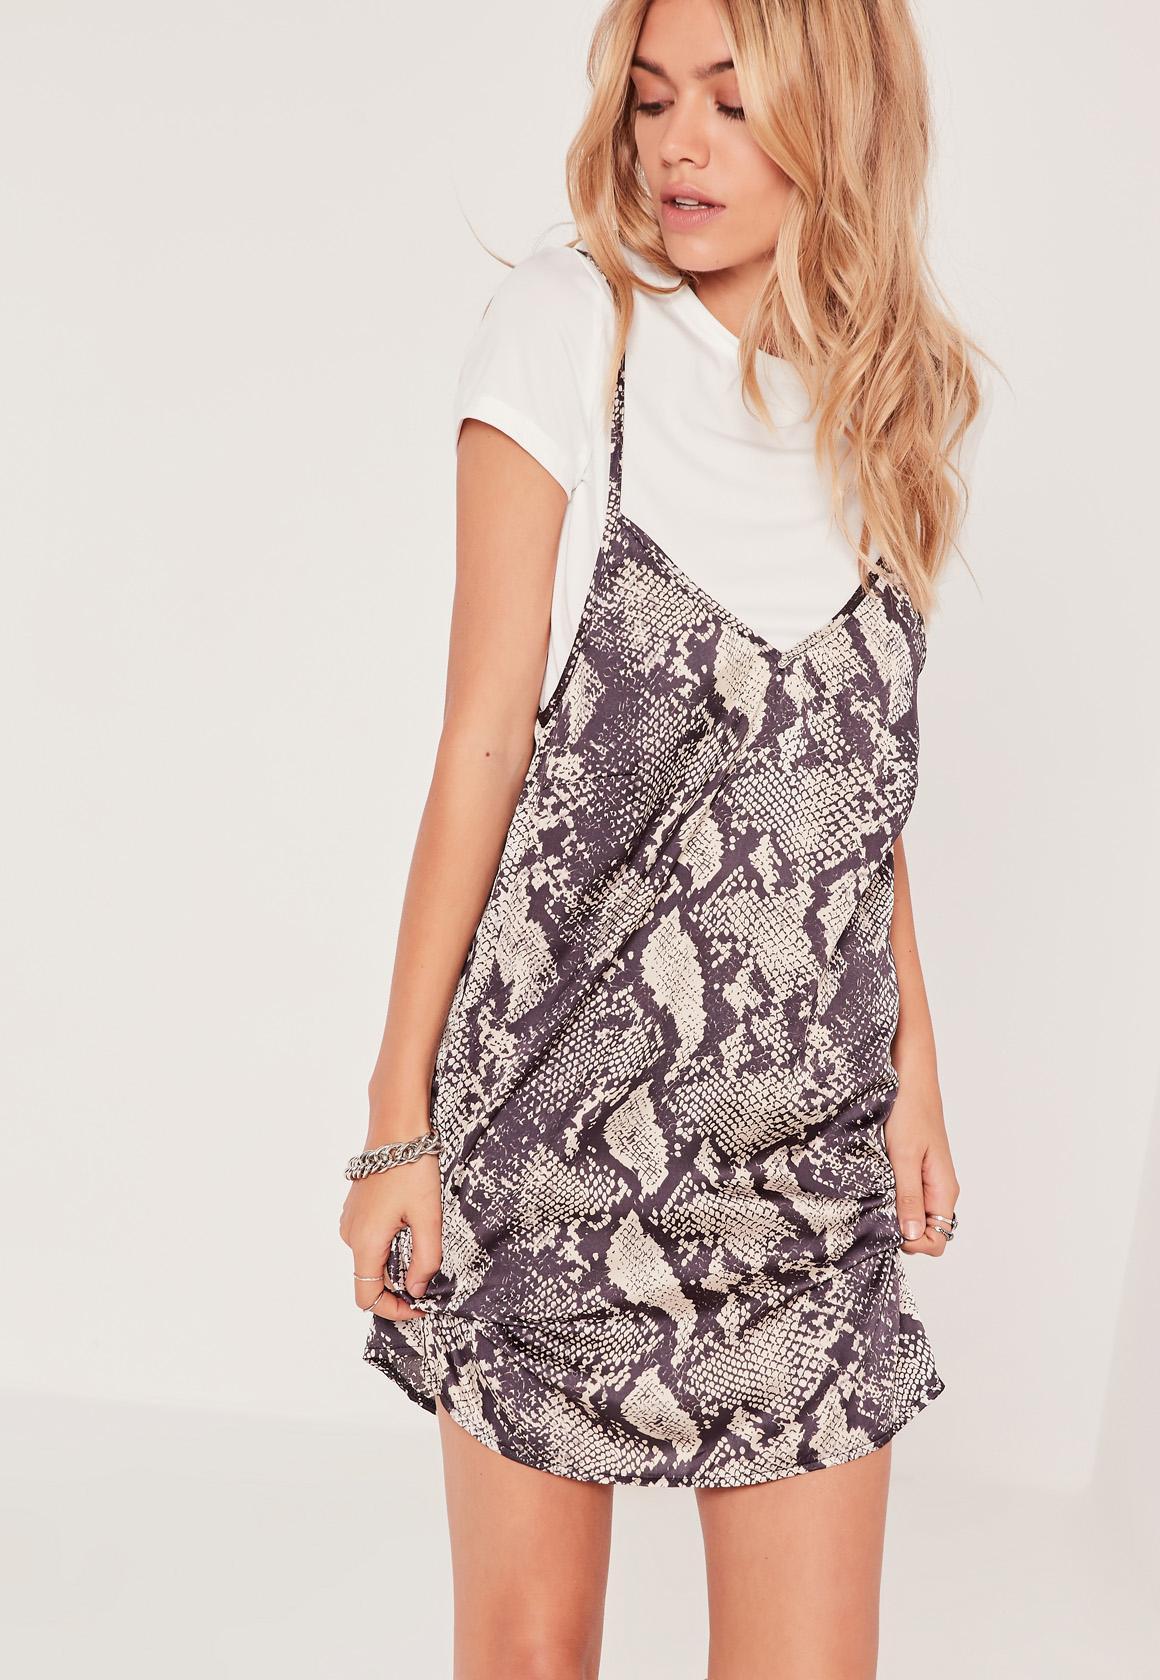 Snake Print 2 in 1 Mini Dress